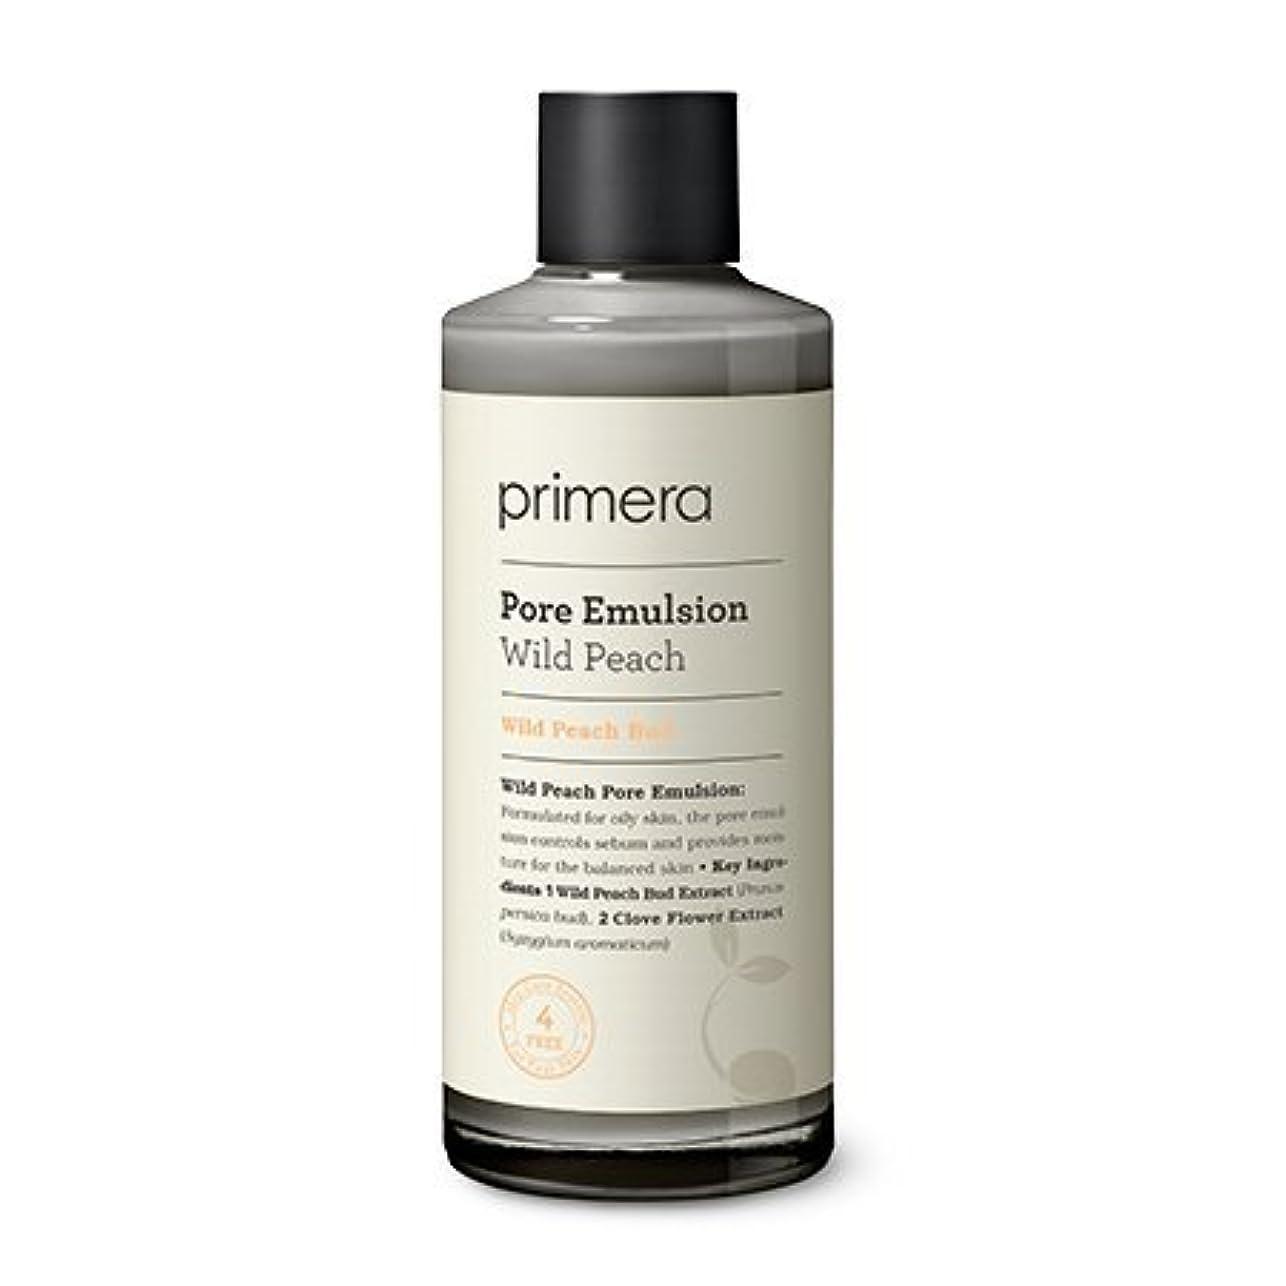 エイリアン優れました家主【Primera】Wild Peach Pore Emulsion - 150ml (韓国直送品) (SHOPPINGINSTAGRAM)